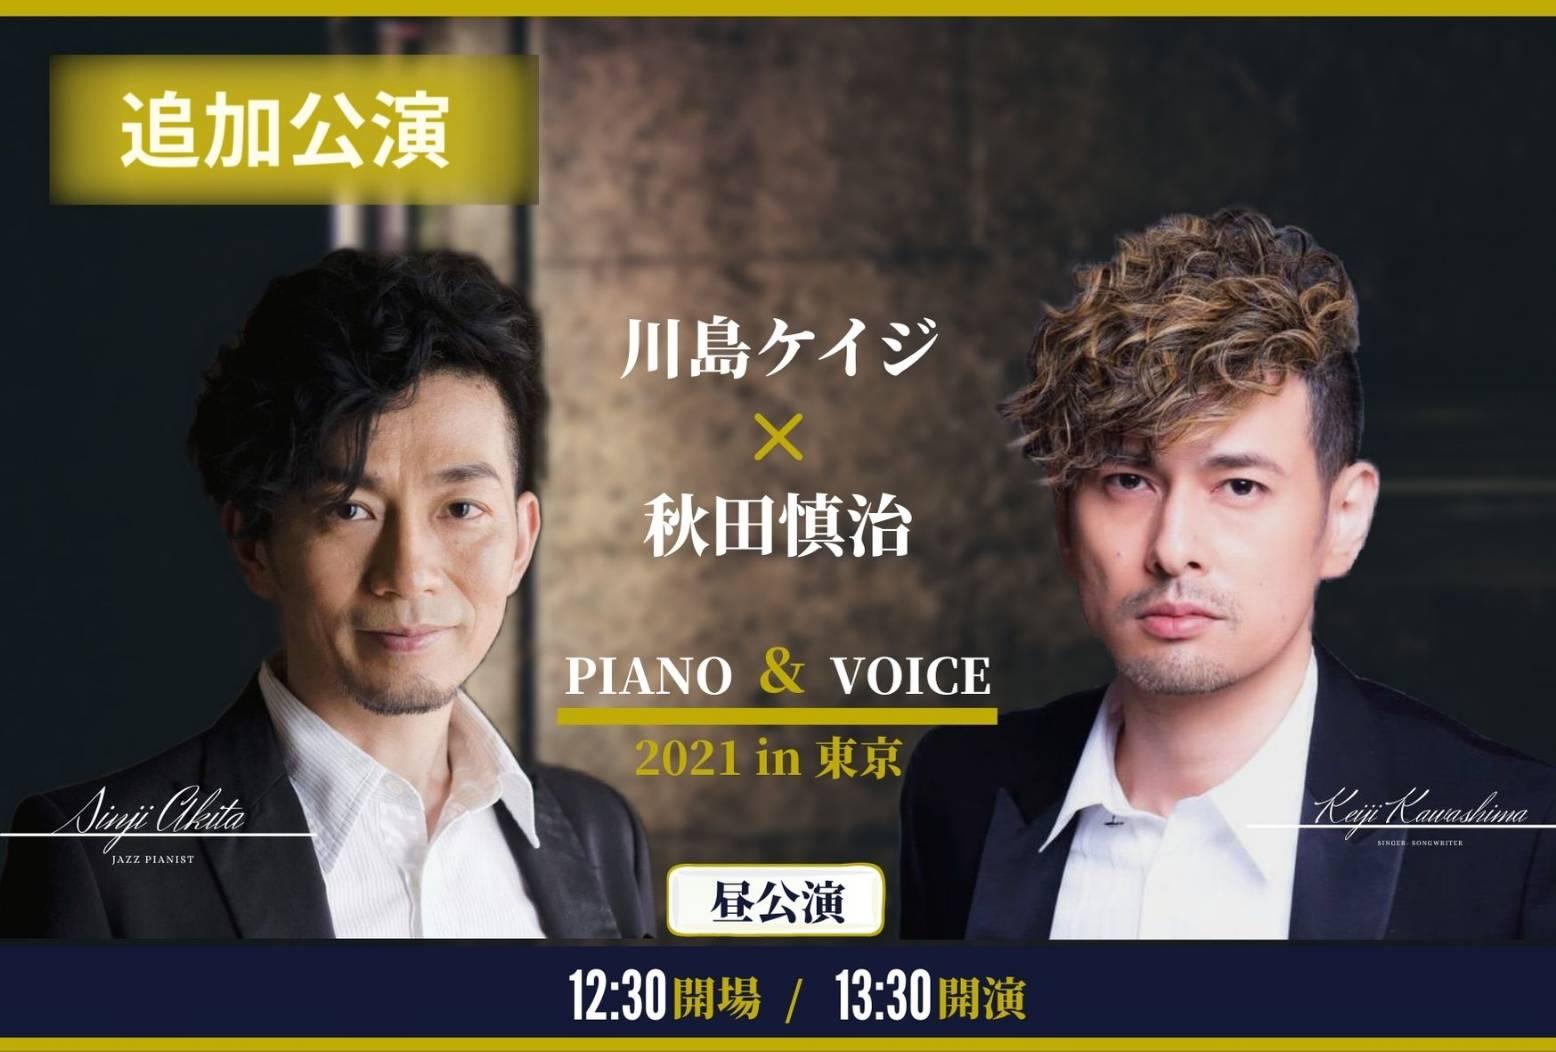 川島ケイジ×秋田慎治 PIANO & VOICE ~2021 in 東京~